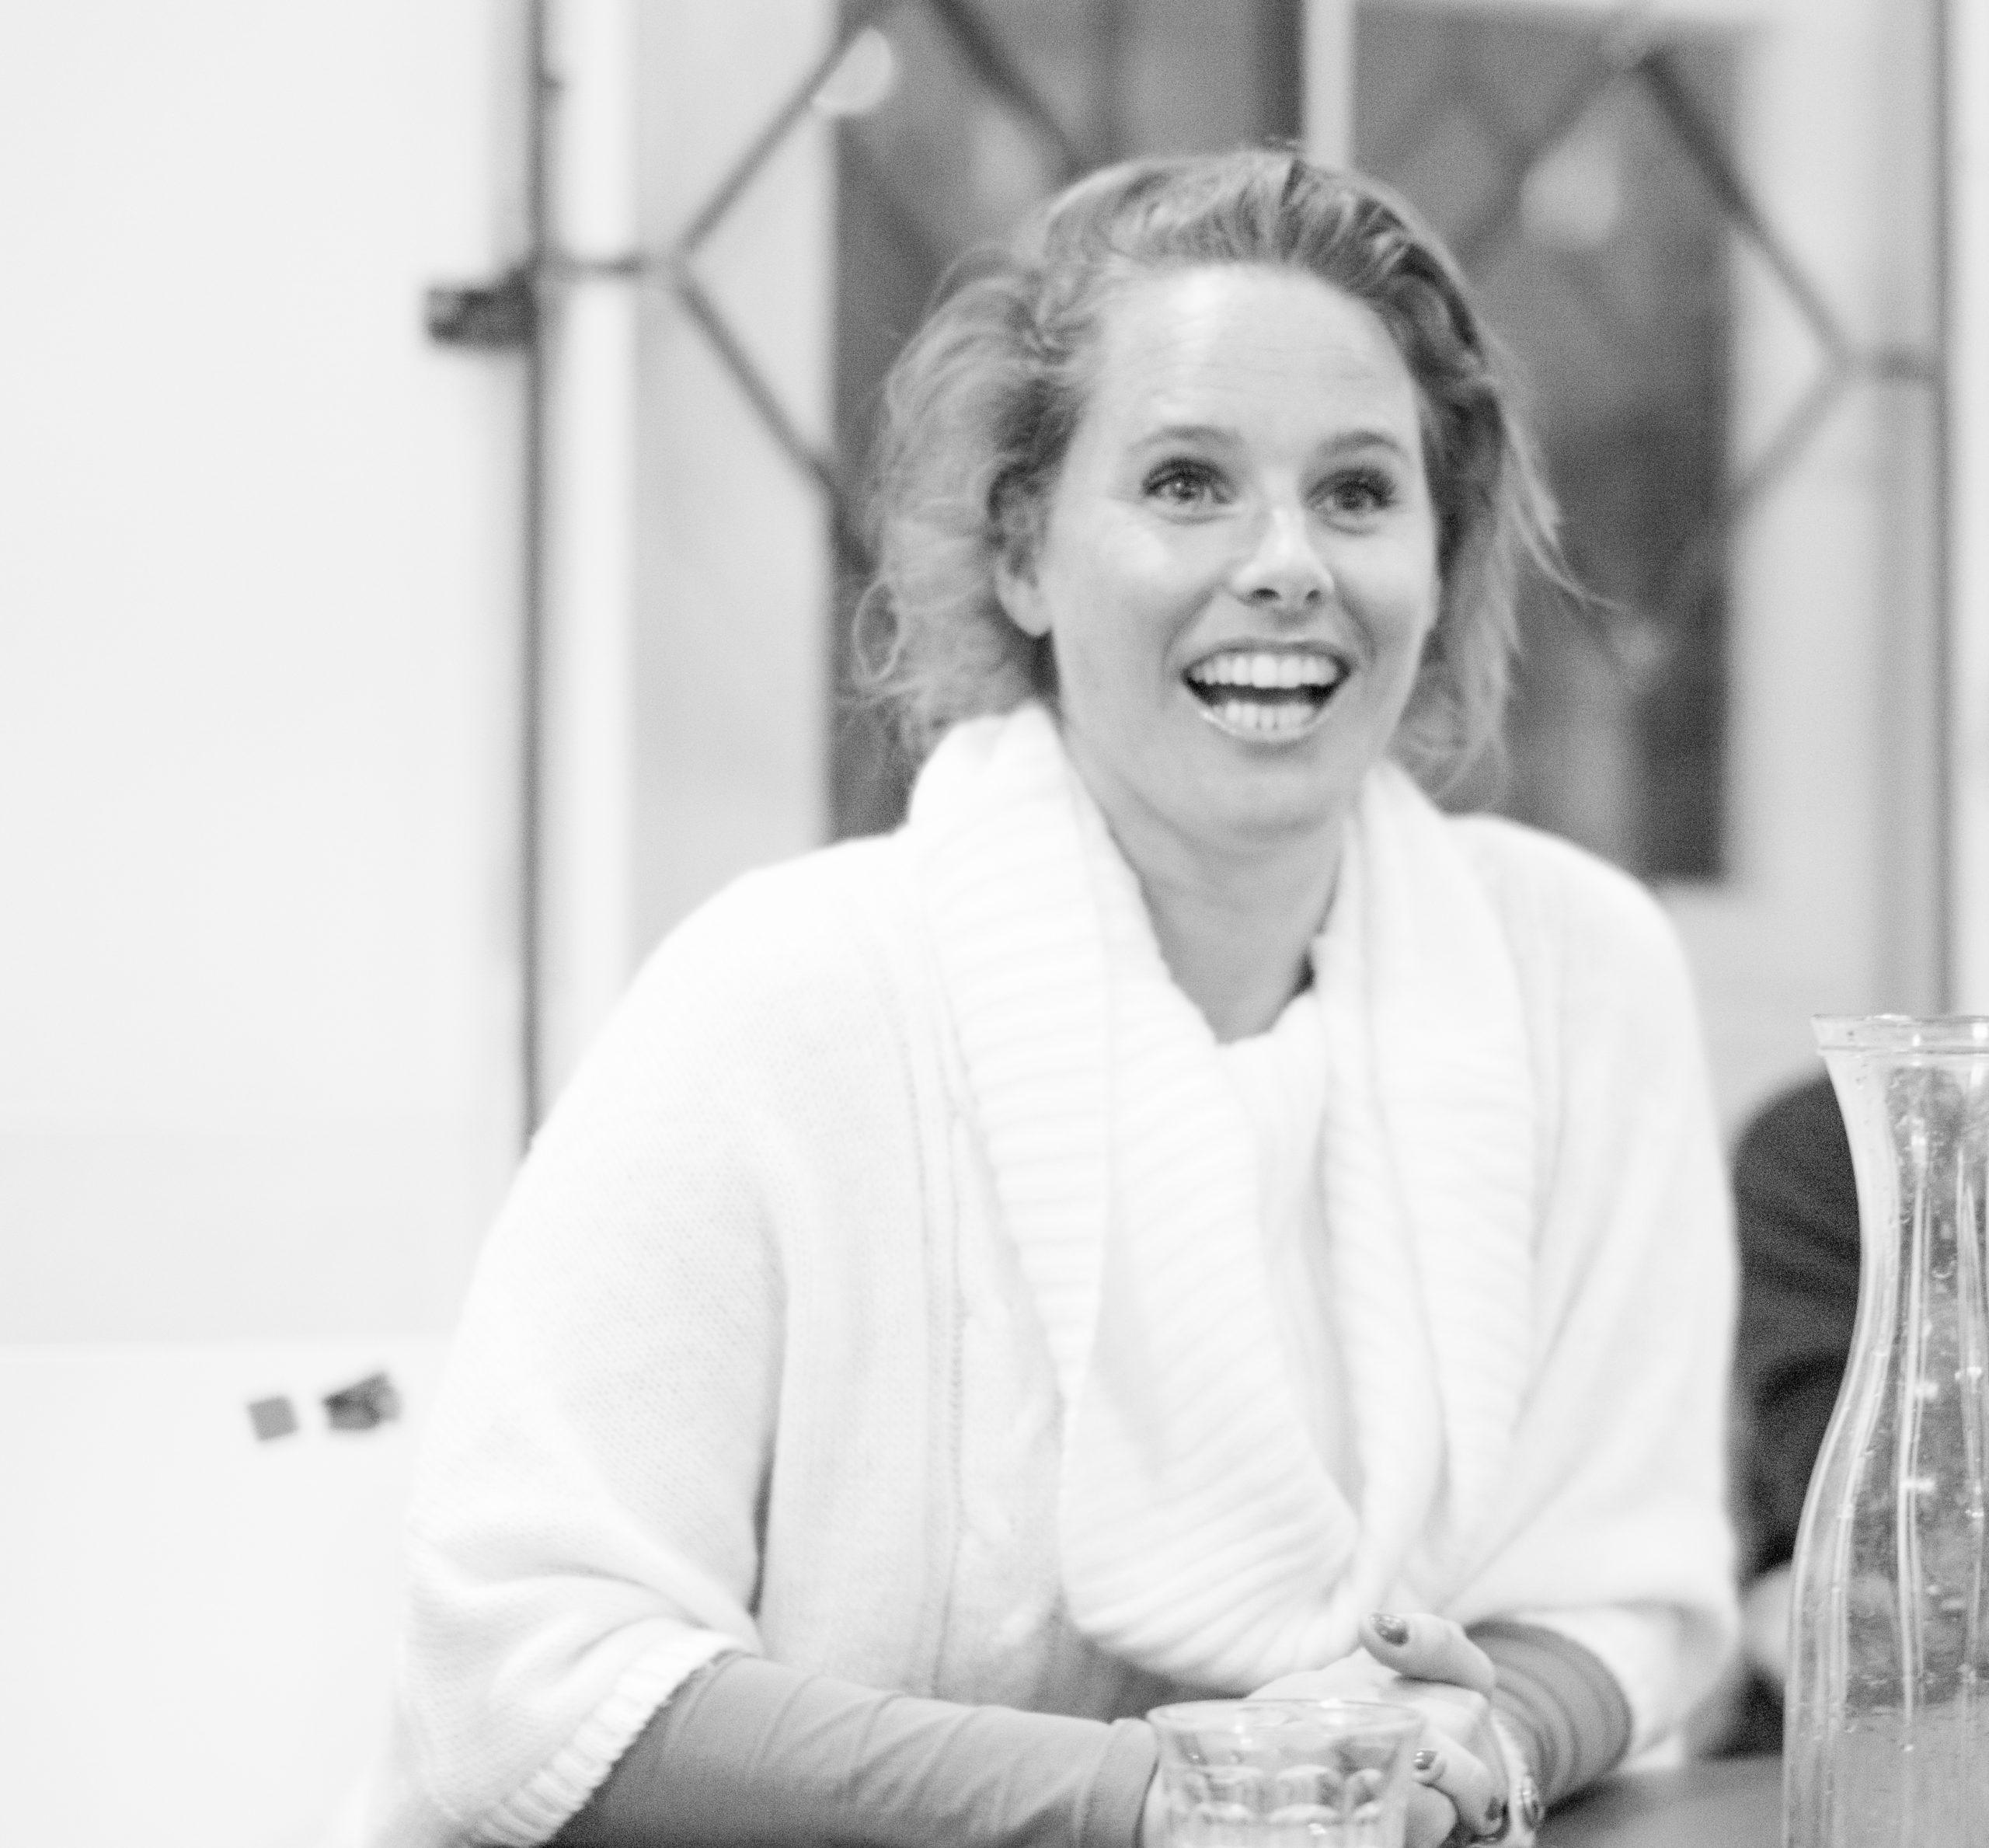 Maak kennis met nieuw HPP-lid Lisette Wegman!